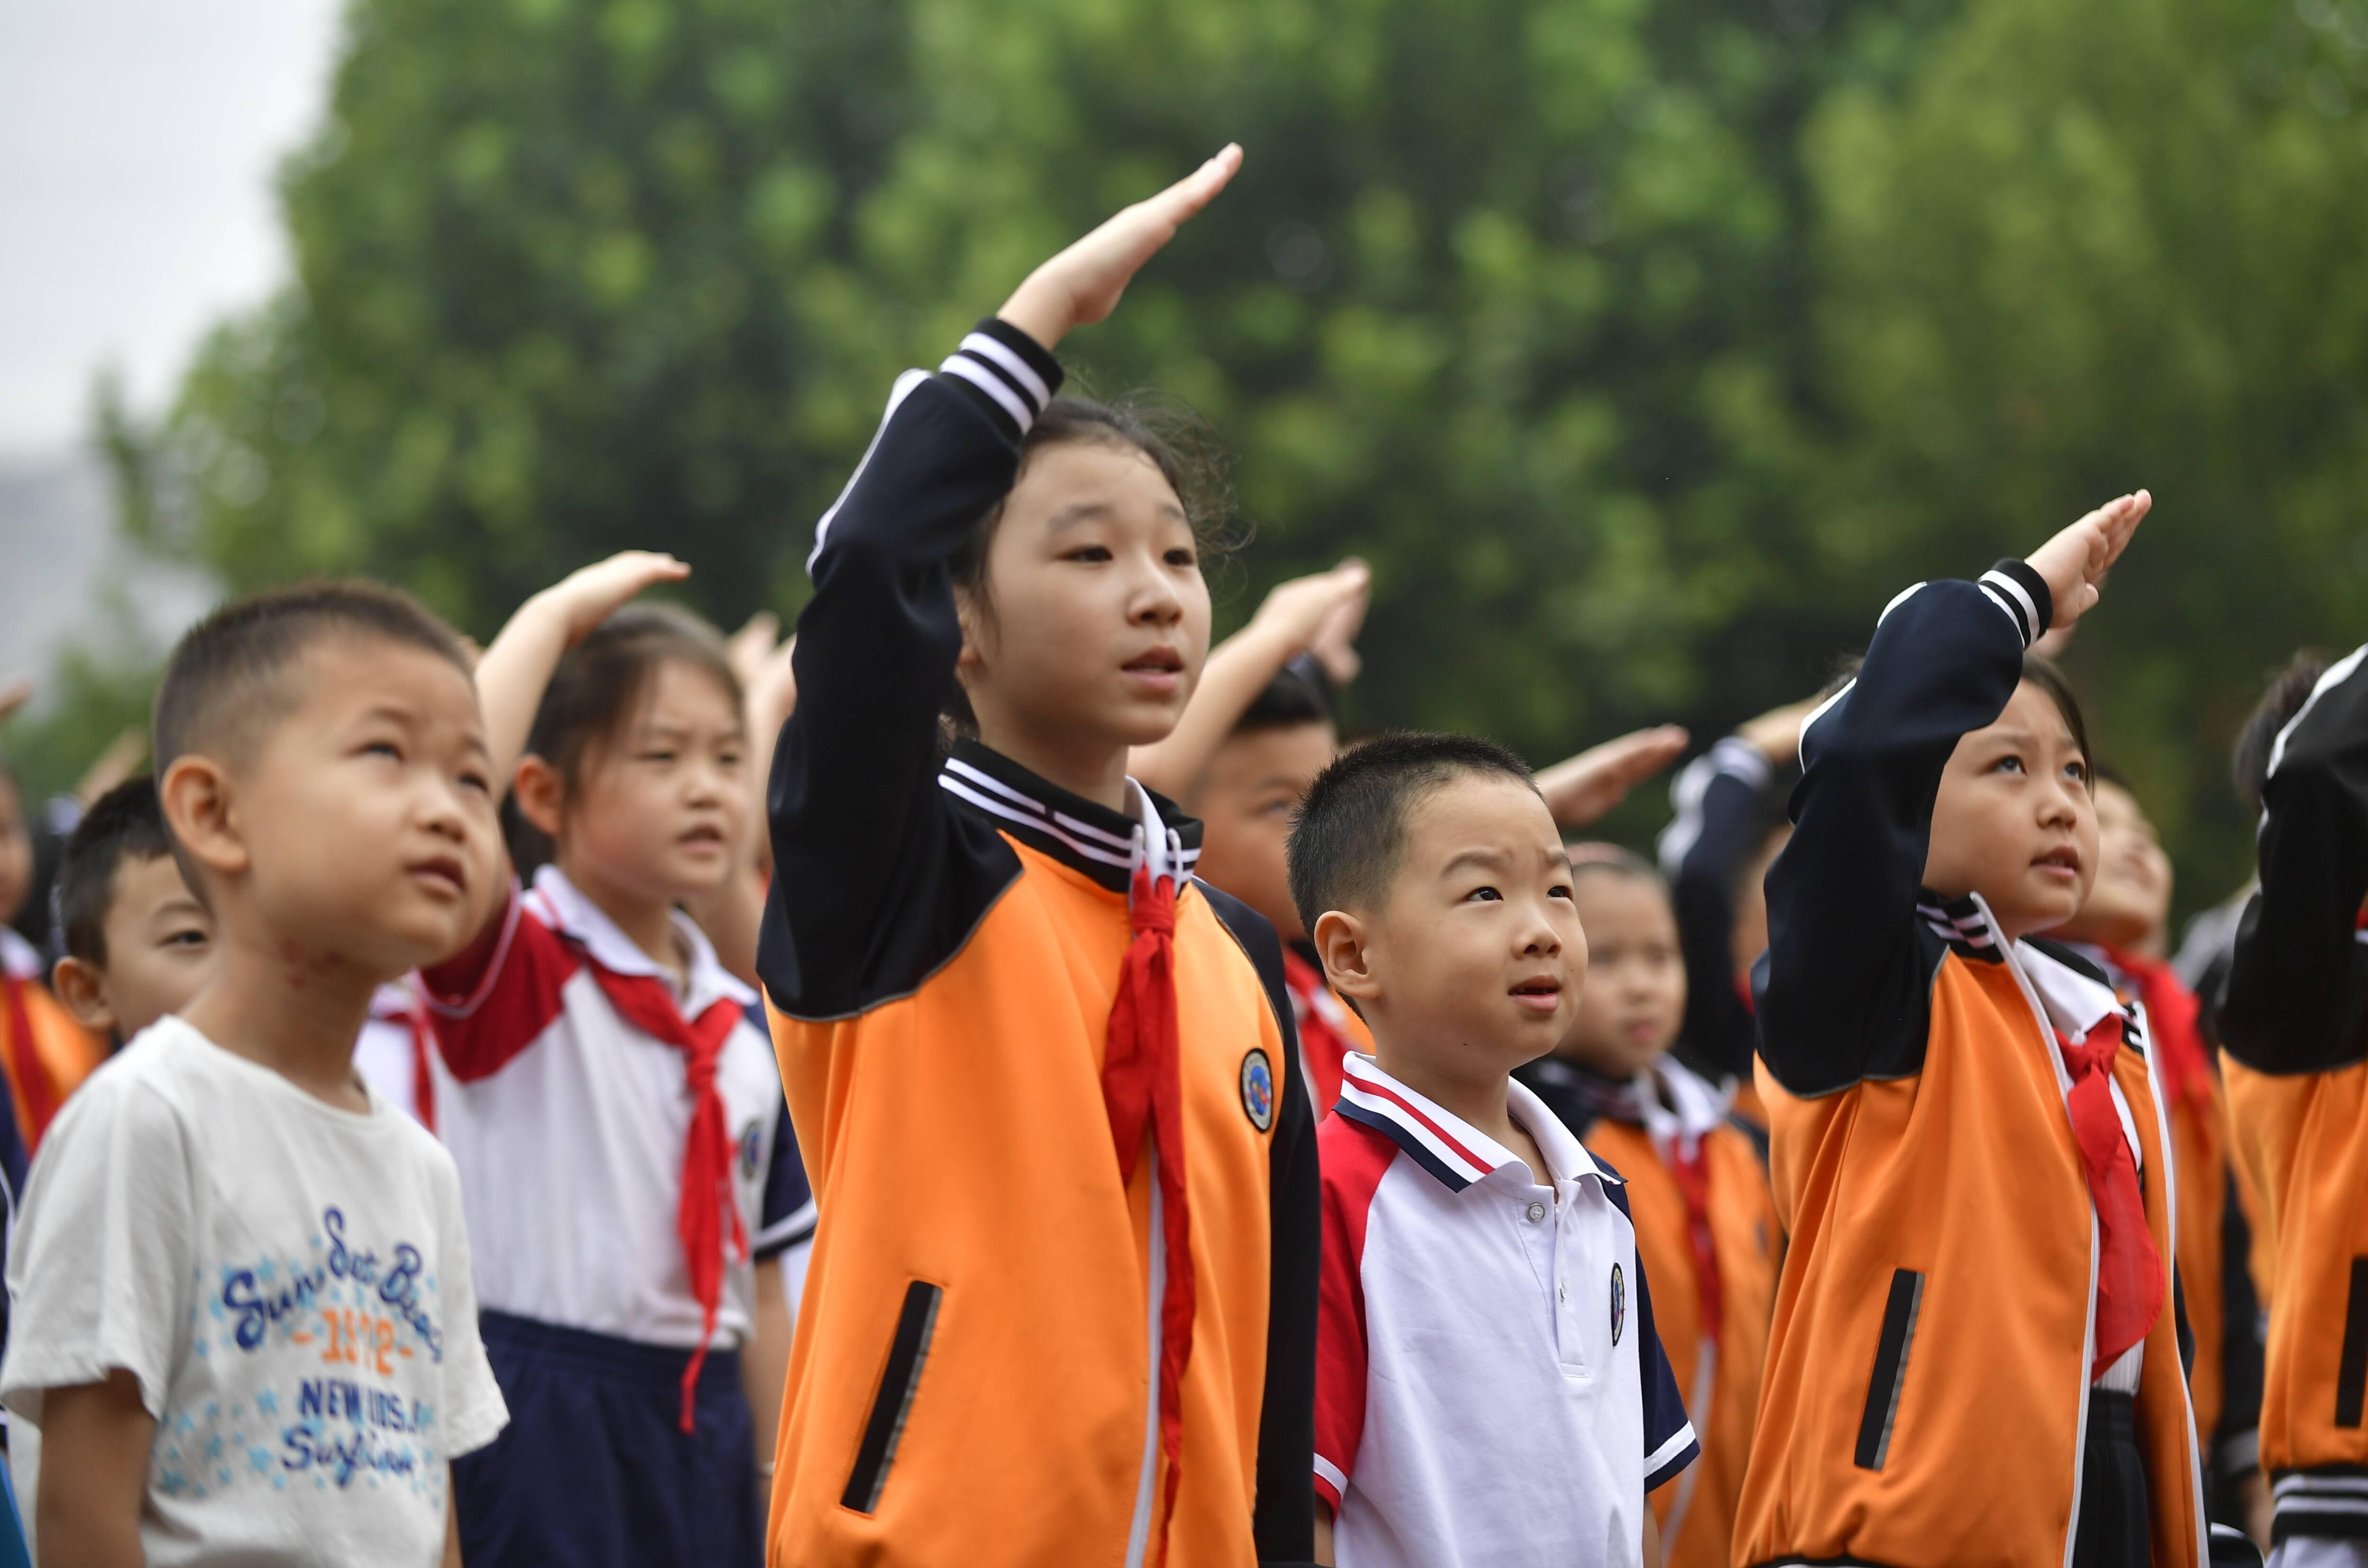 组图 | 直击小学生开学现场:武术表演和新学期更配